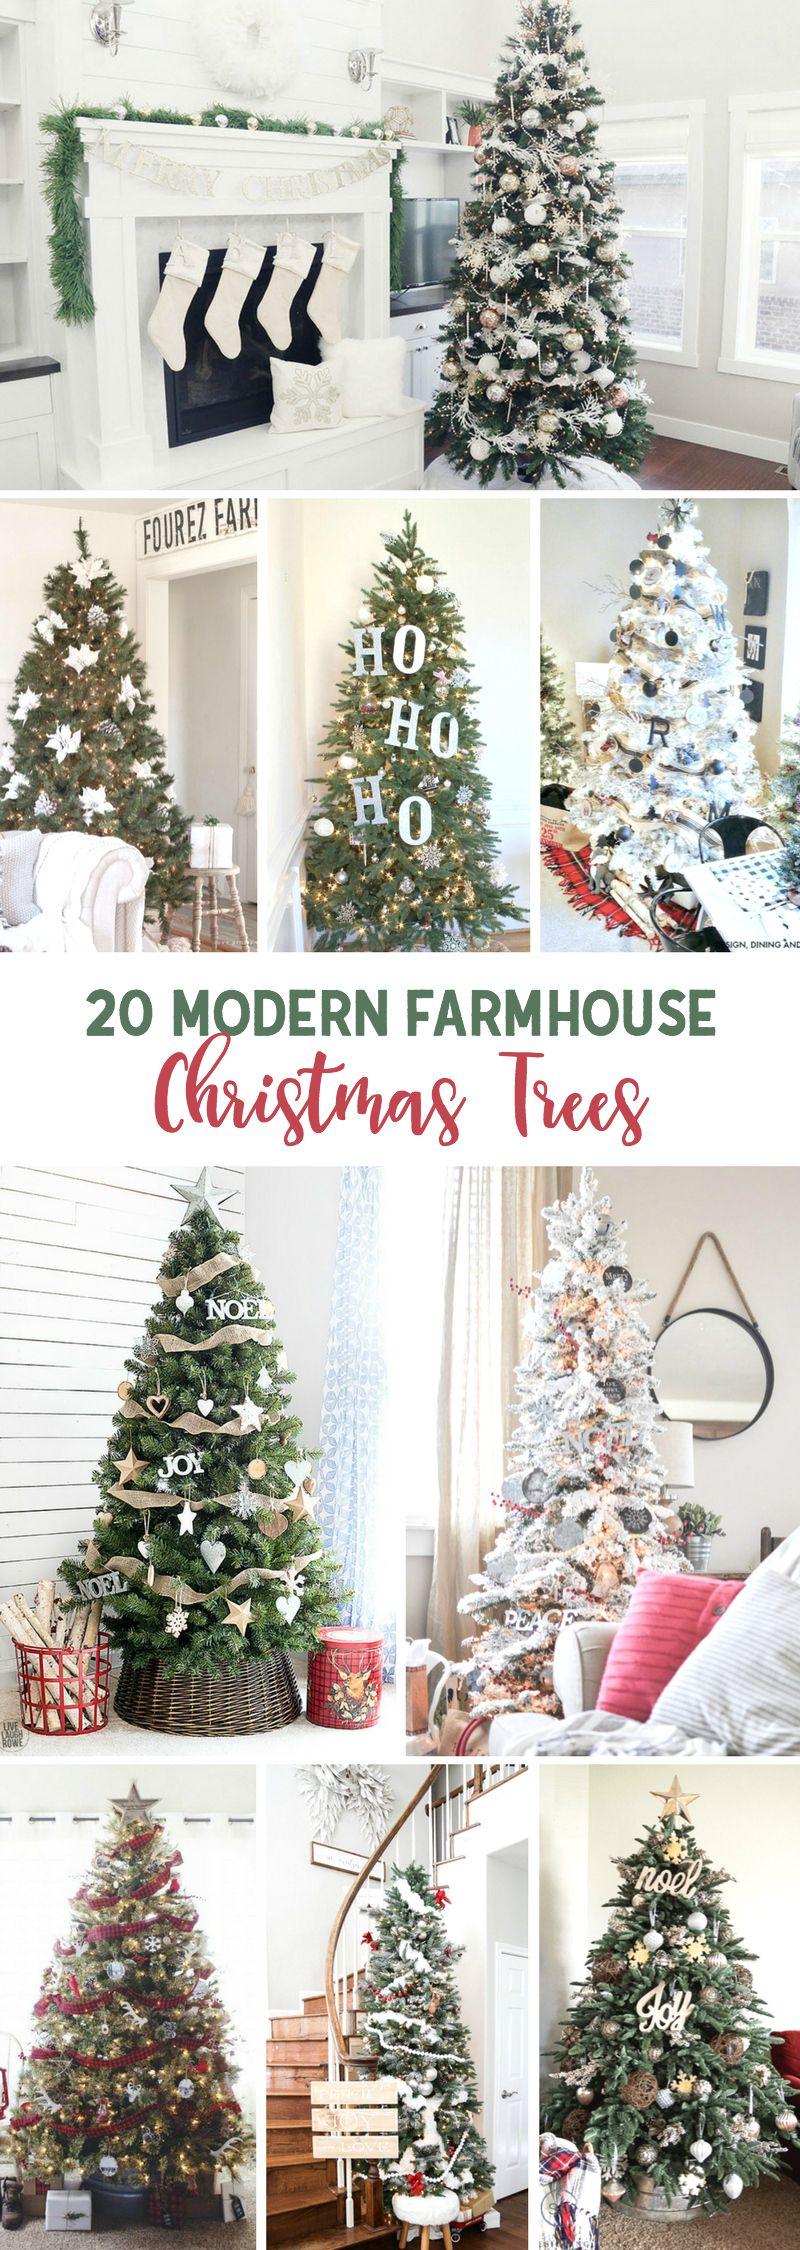 20 Modern Farmhouse Christmas Trees Great Ideas For Giving Your Christmas Tree A Fixer Farmhouse Christmas Tree Farmhouse Christmas Decor Farmhouse Christmas